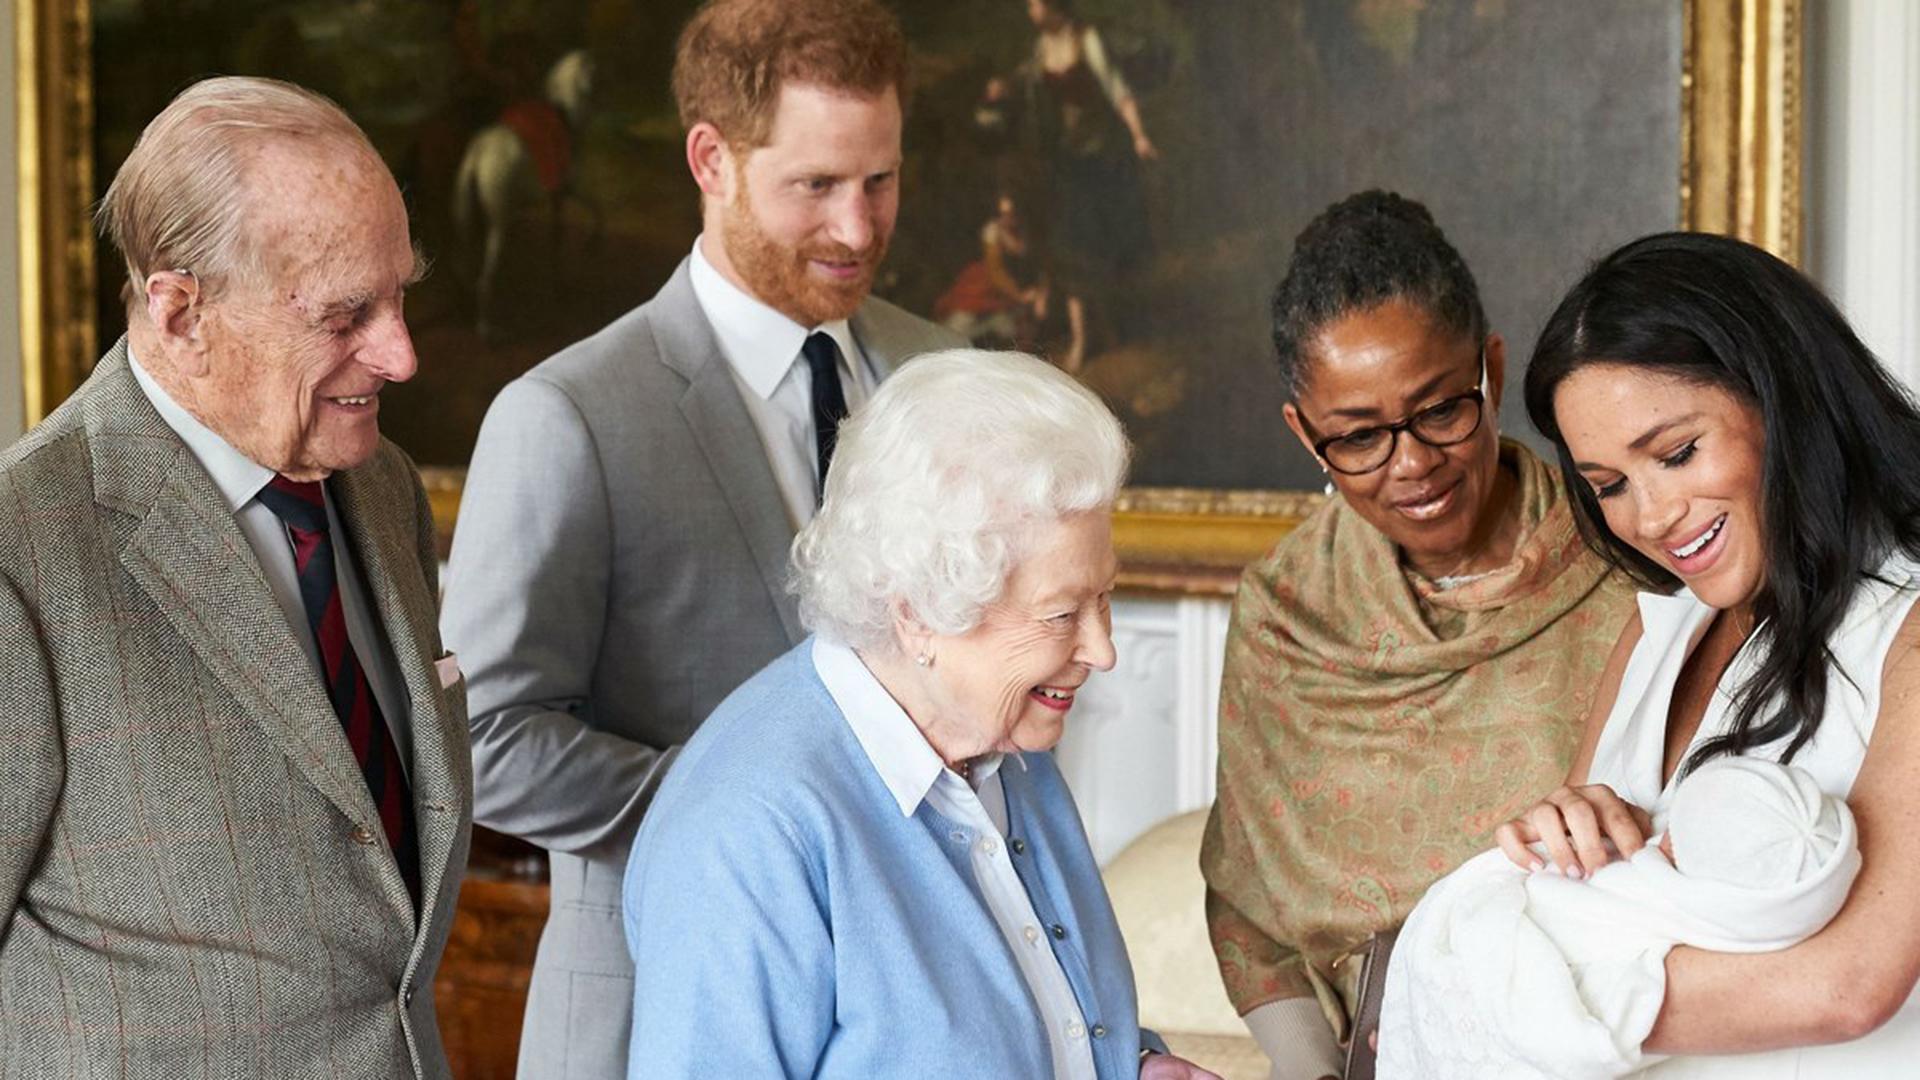 La drástica decisión de Harry y Meghan sobre su hijo Archie que anticipaba su plan para renunciar a la realeza - Infobae